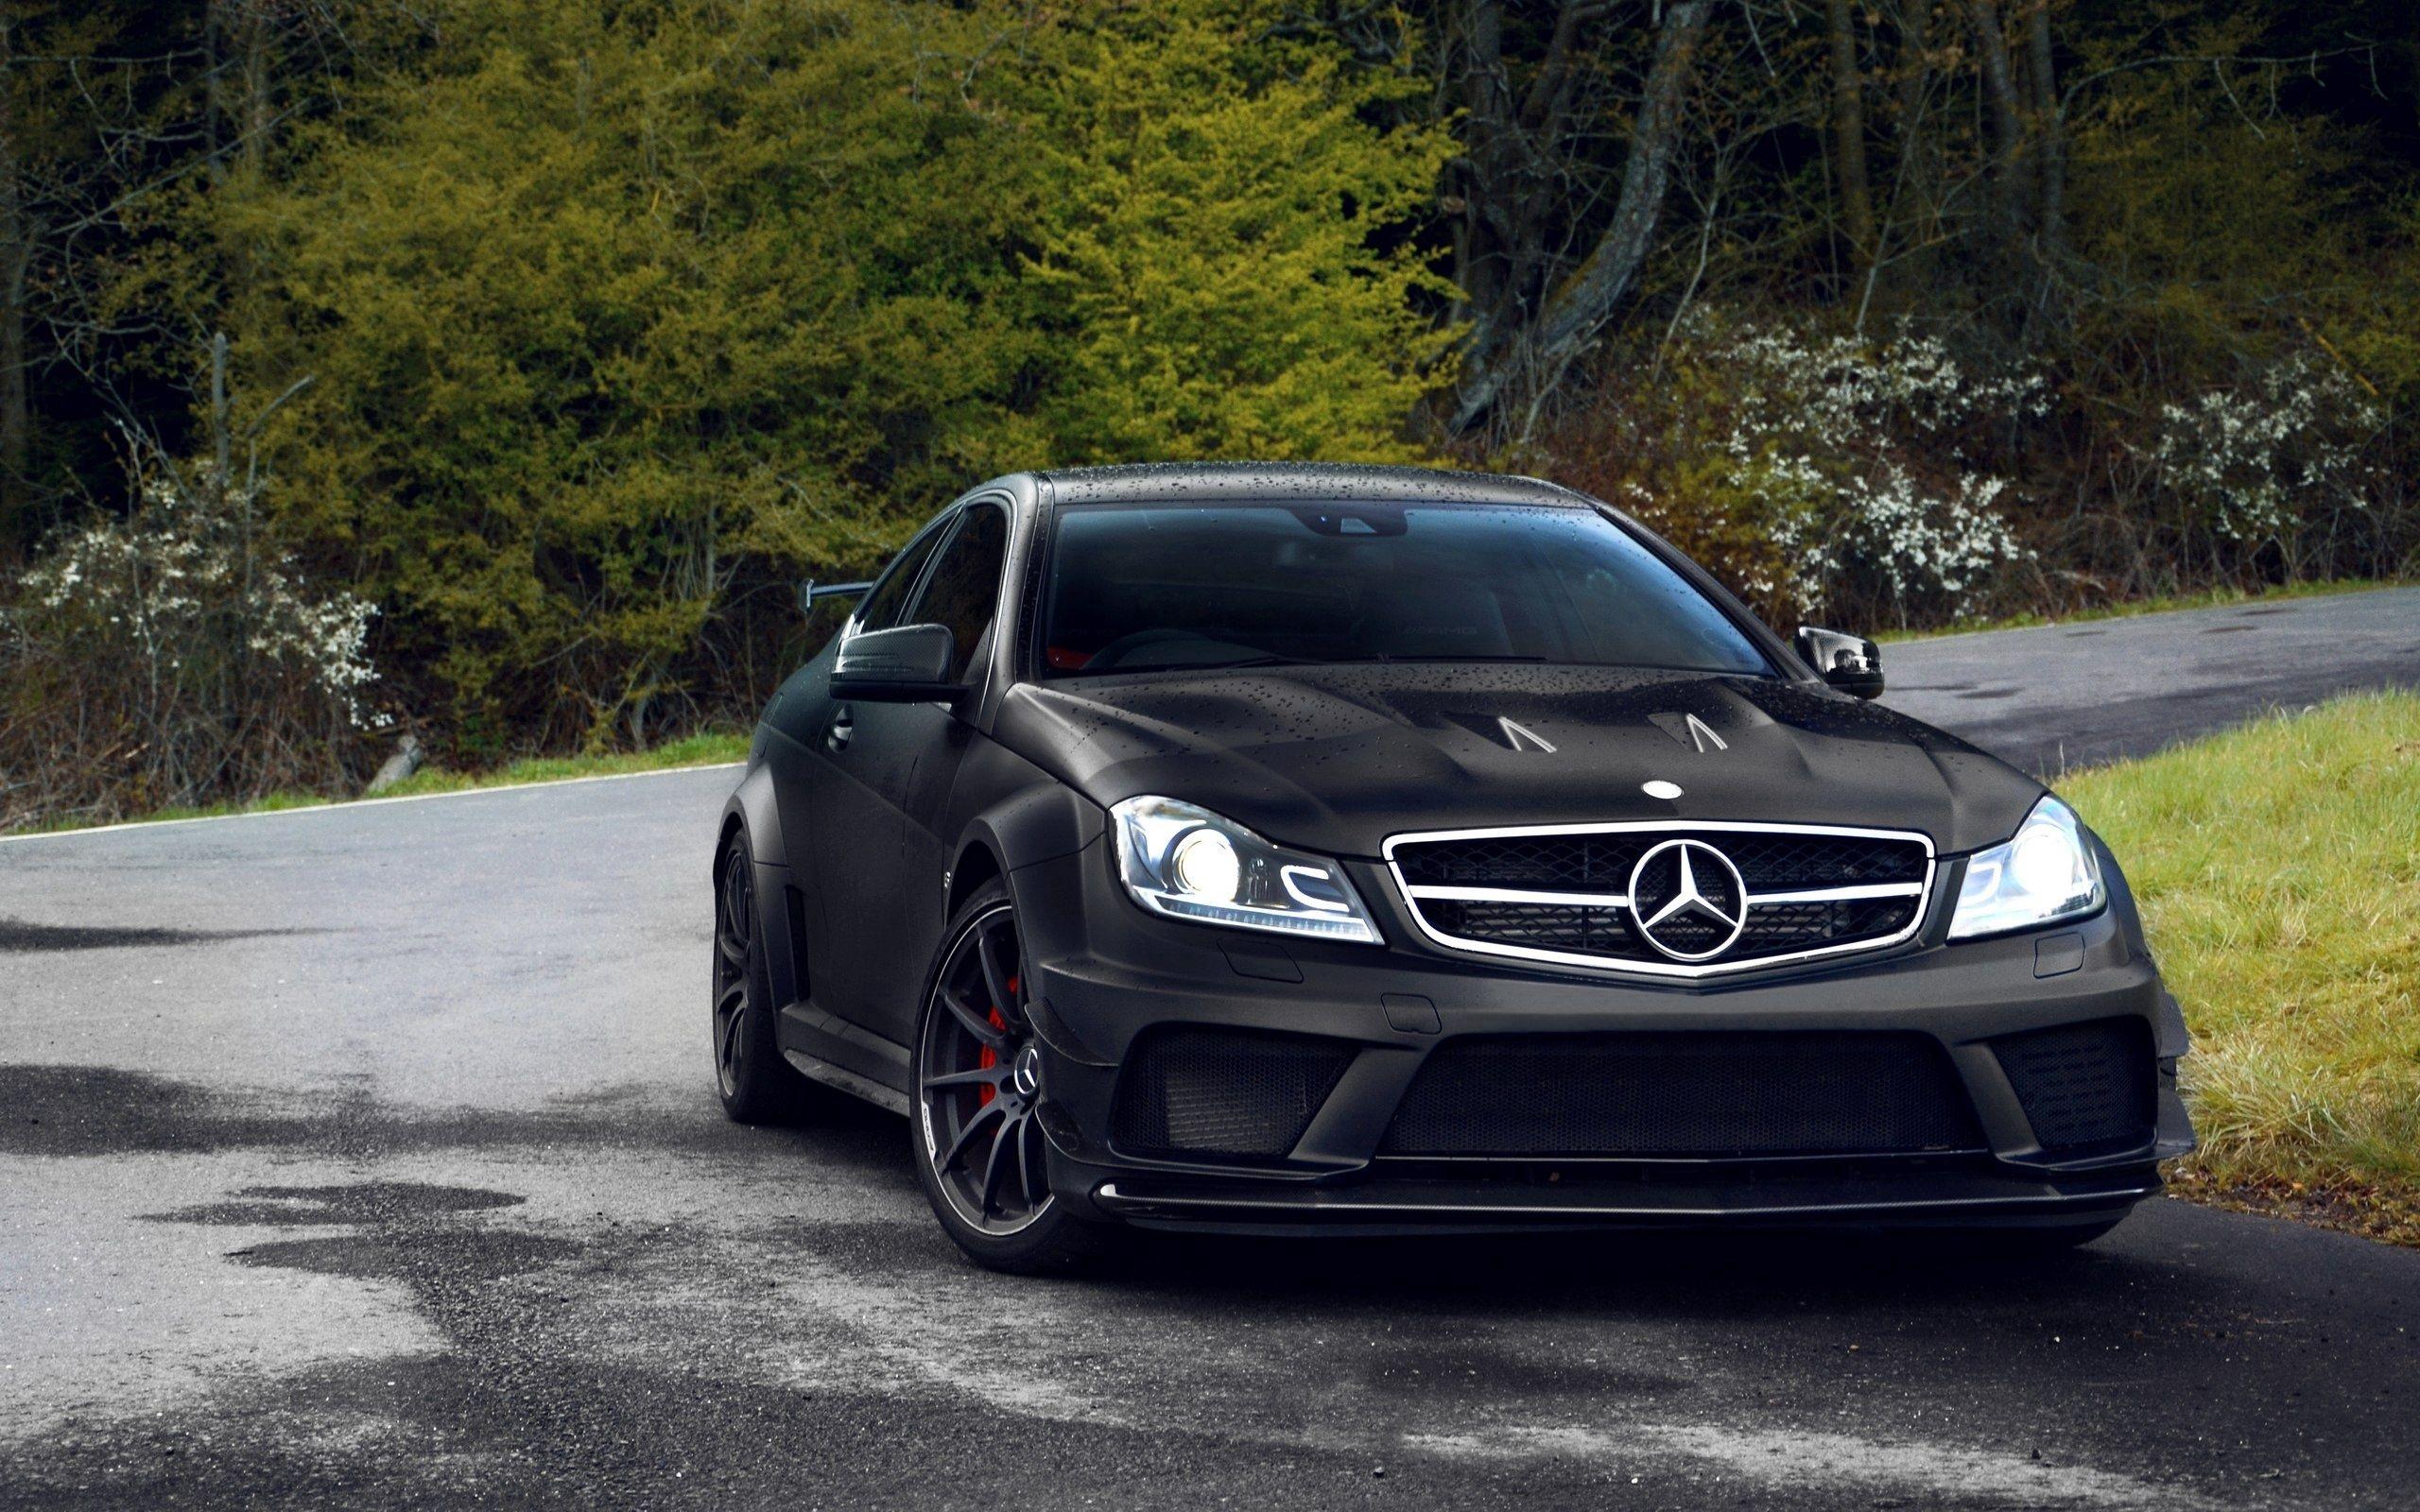 52390 Hintergrundbild herunterladen Auto, Mercedes, Cars, Straße, Das Schwarze, Schön - Bildschirmschoner und Bilder kostenlos